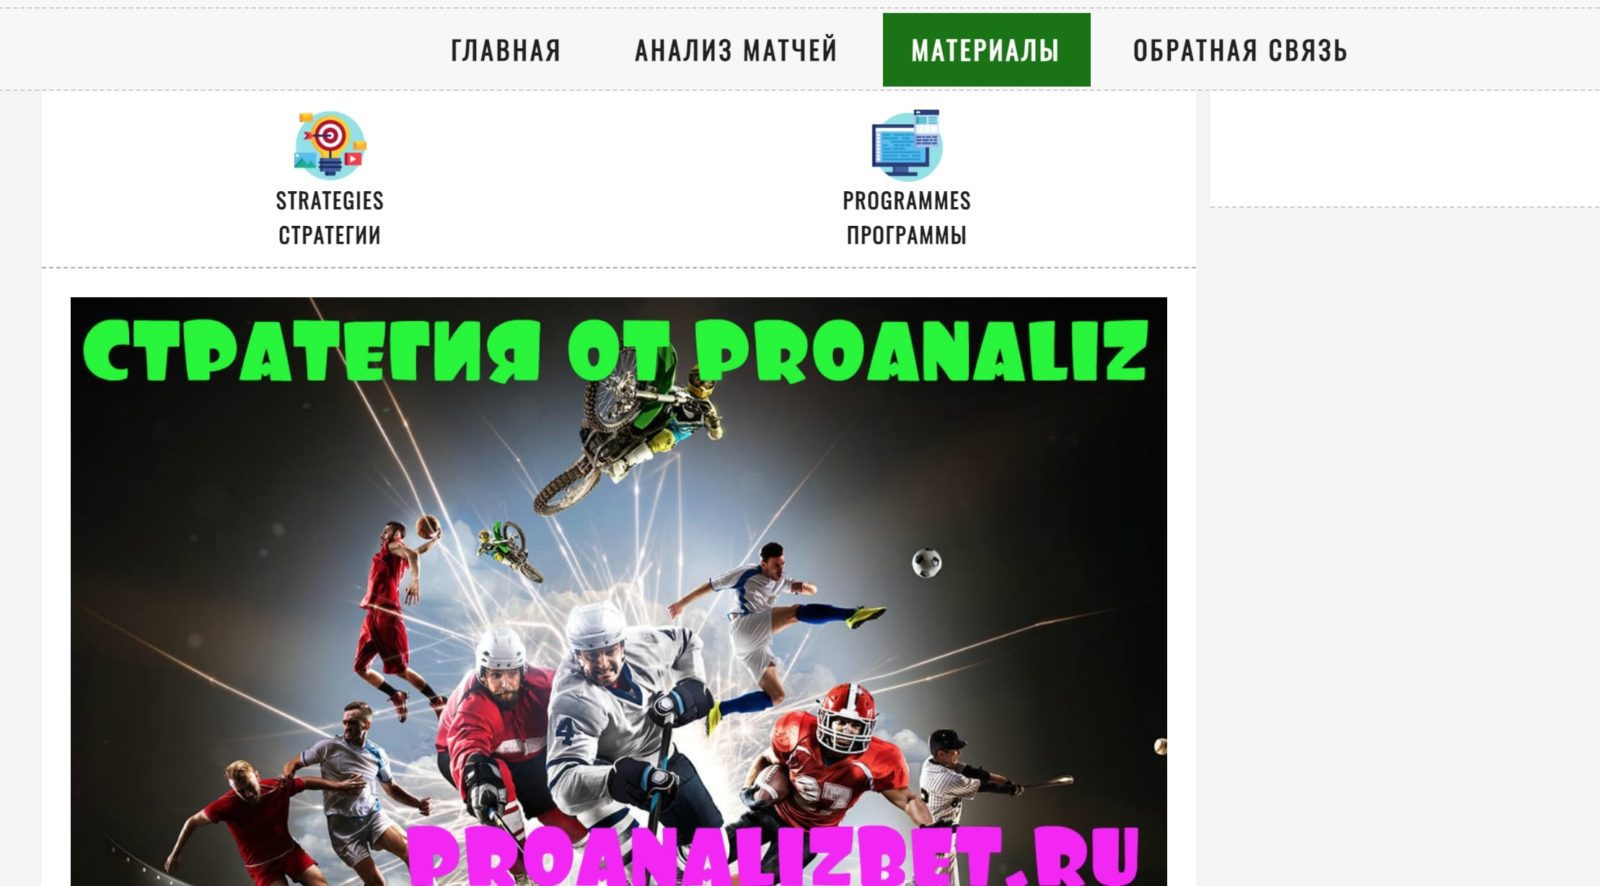 Материалы на сайте http Proanalizbet ru (Проанализбет ру)